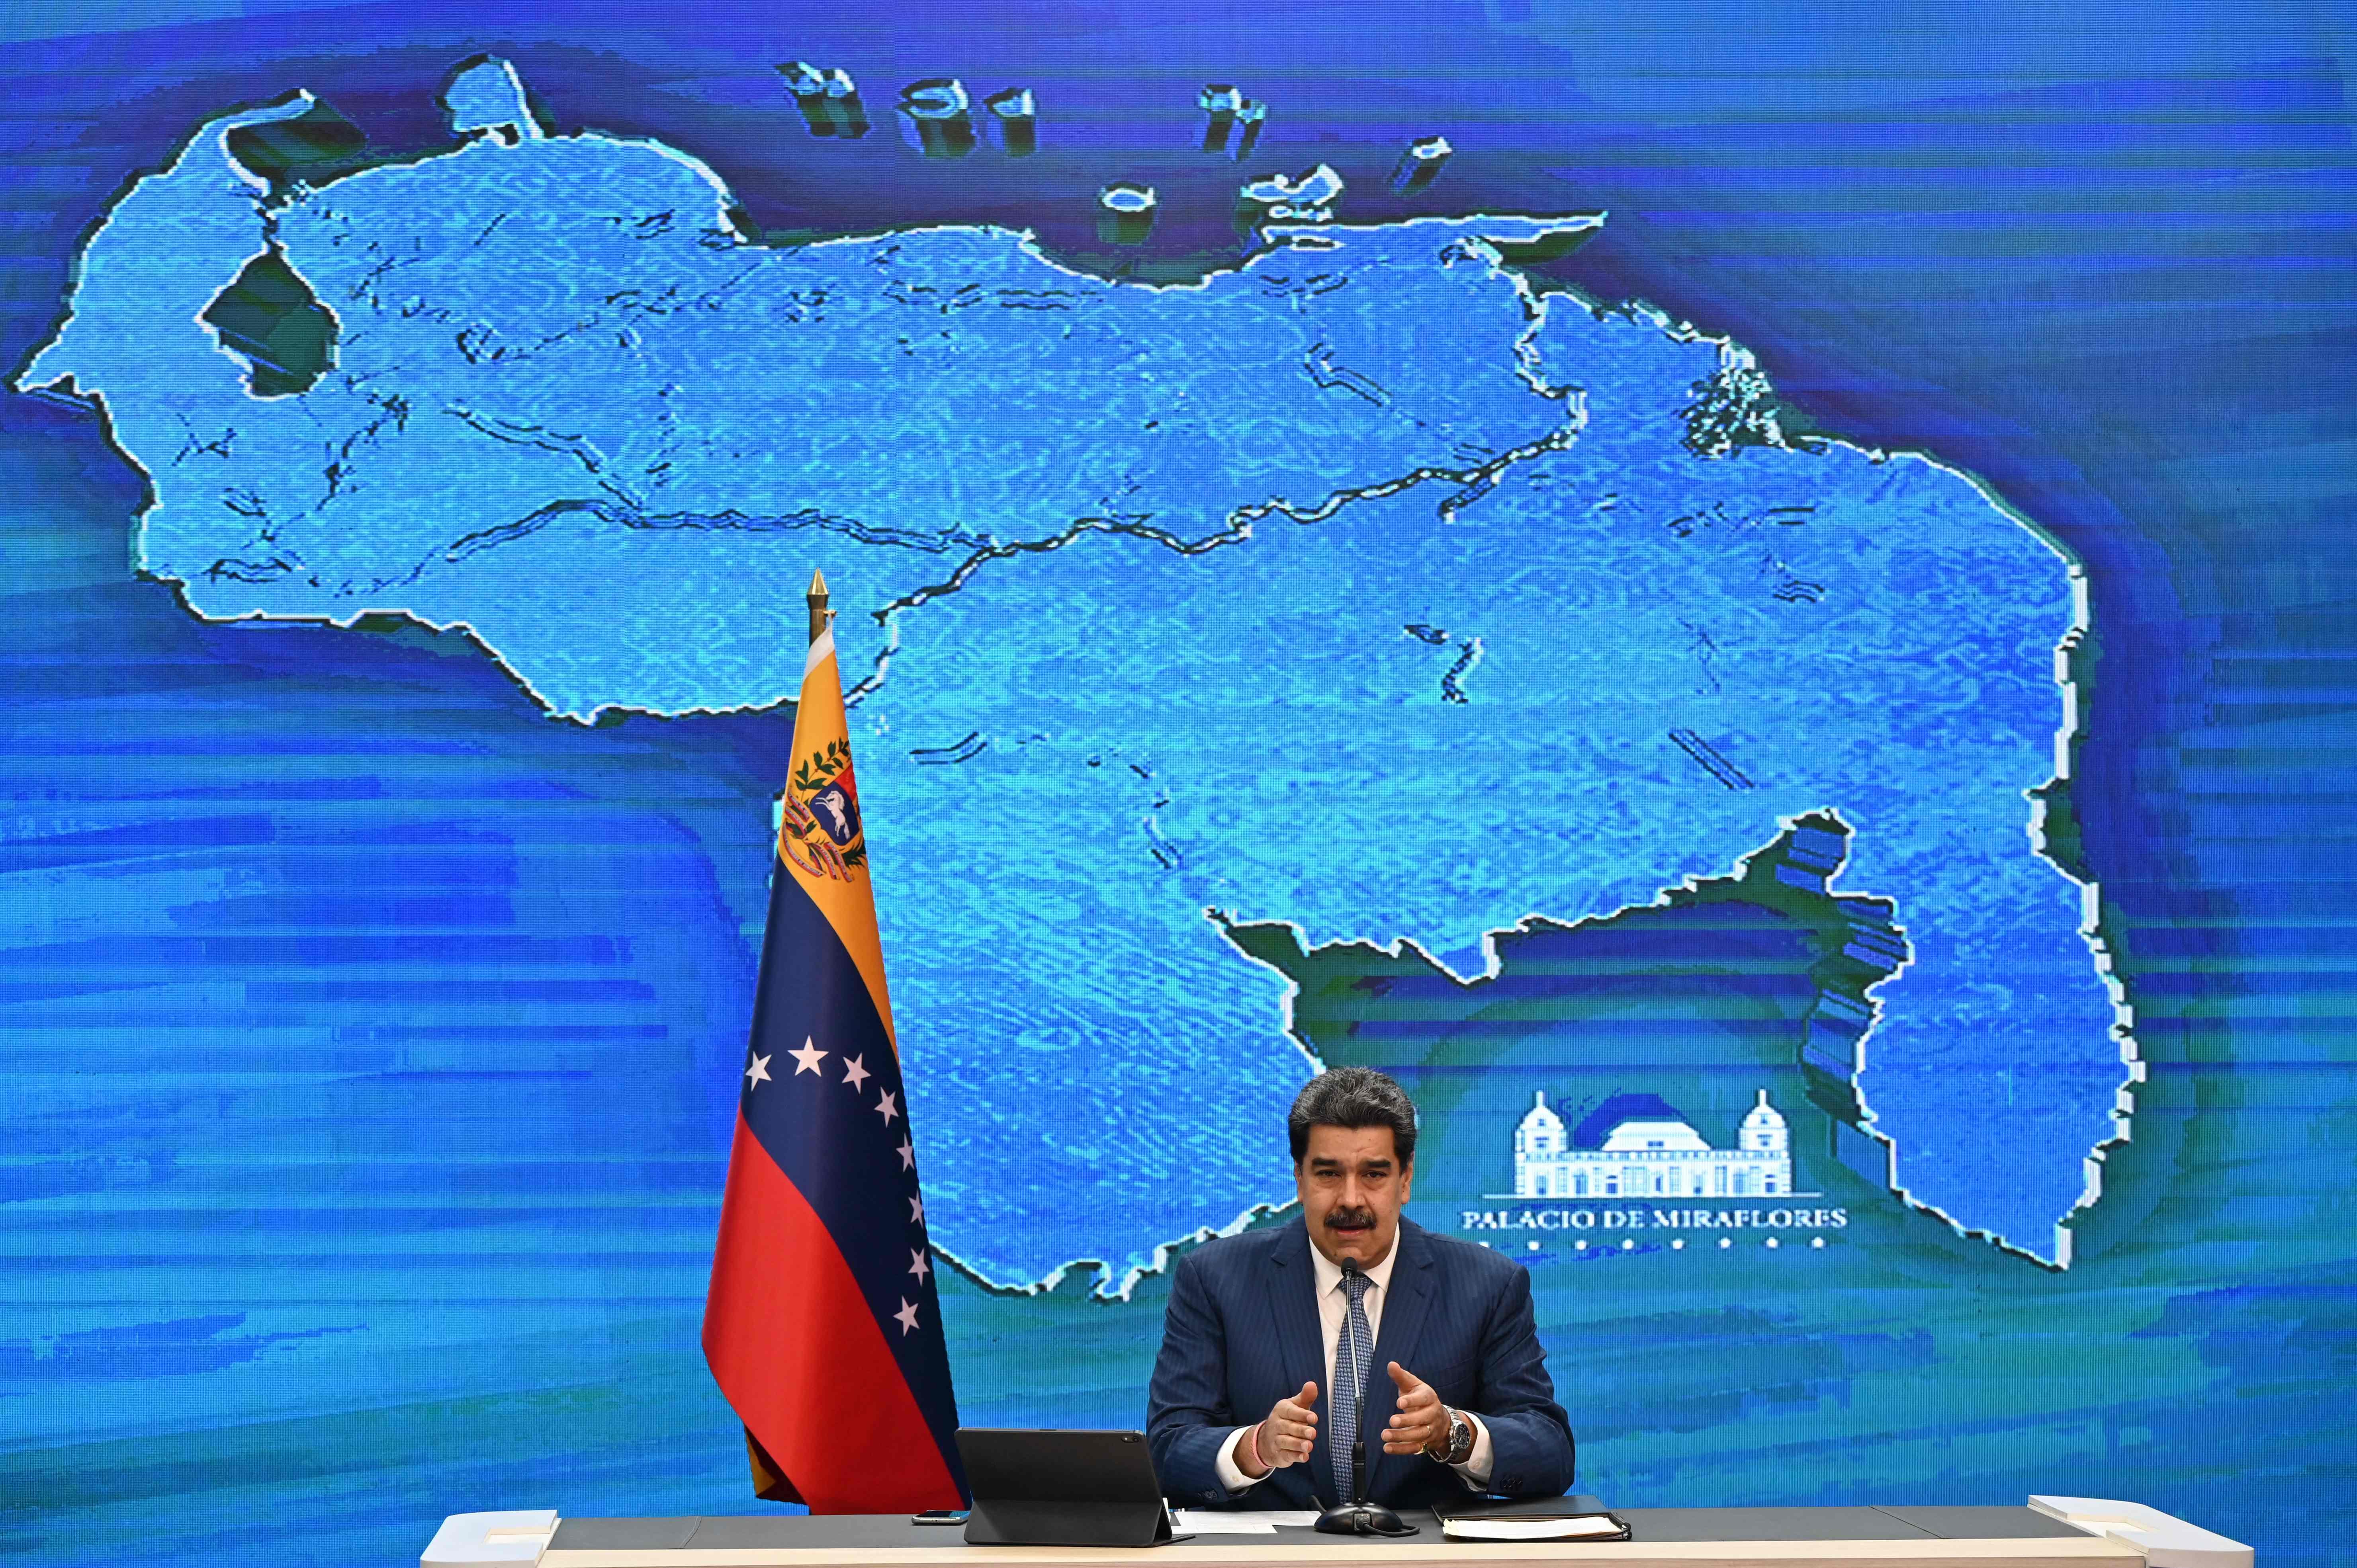 Fin de sanciones a Venezuela depende de resultado del diálogo: EE. UU. y Europa